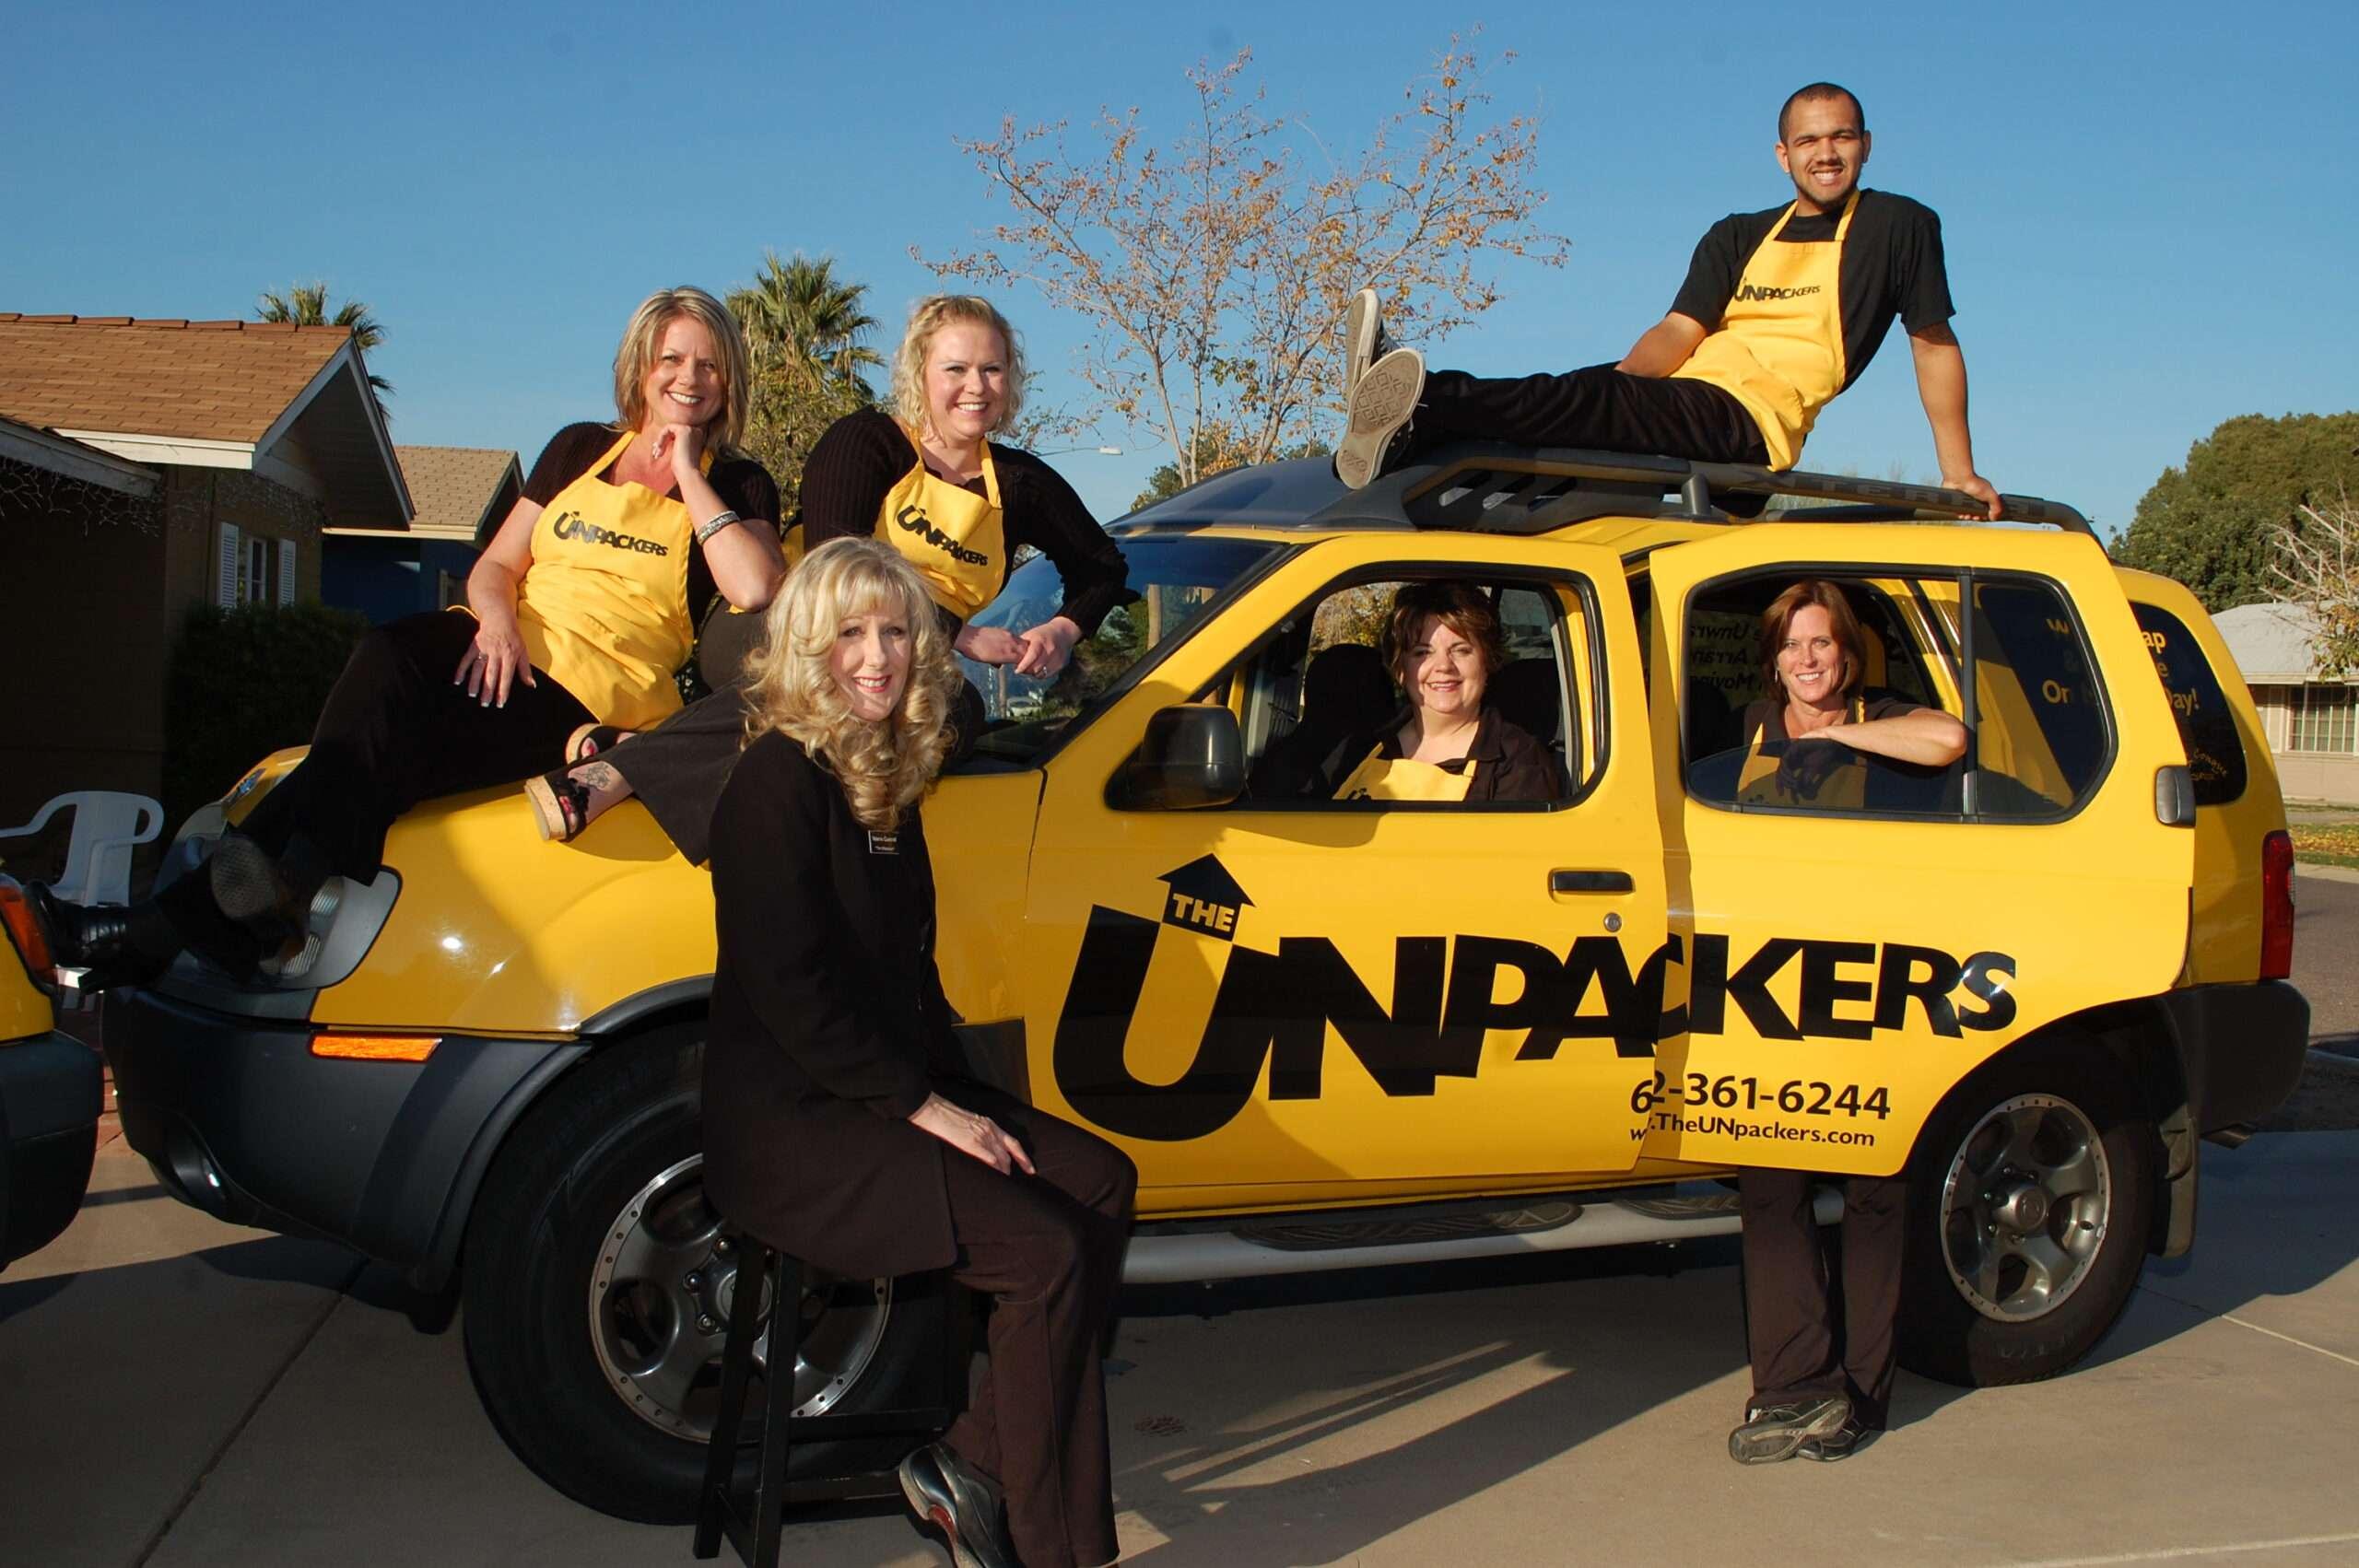 UNpackers